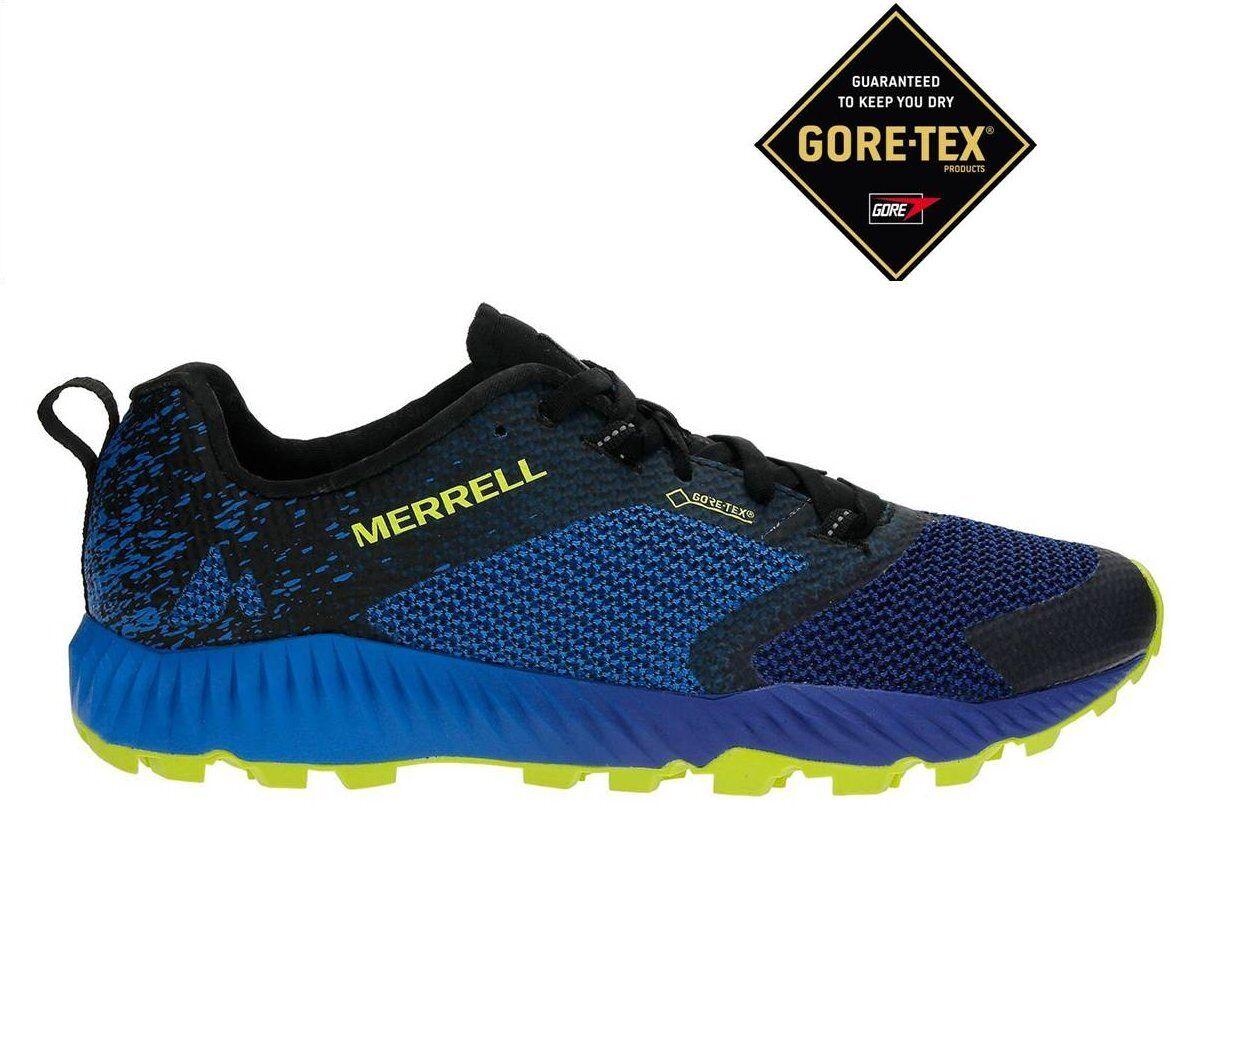 shoes RUNNING men MERRELL blueET GORETEX   ART. J18837